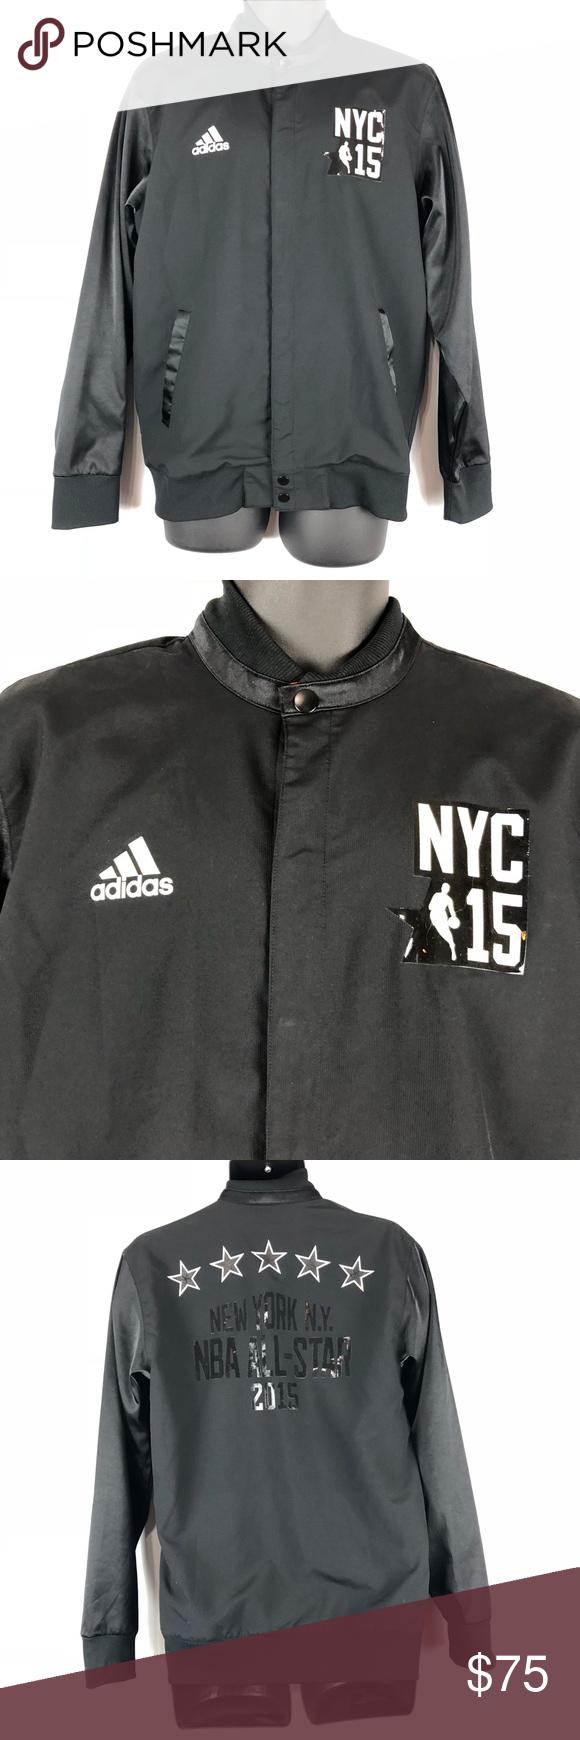 36ac8be0f95 Adidas 2015 NBA All Star Warm Up Jacket Adidas 2015 NBA All Star Warm Up  Jacket Size Medium EUC NYC never worn adidas Jackets   Coats Bomber    Varsity